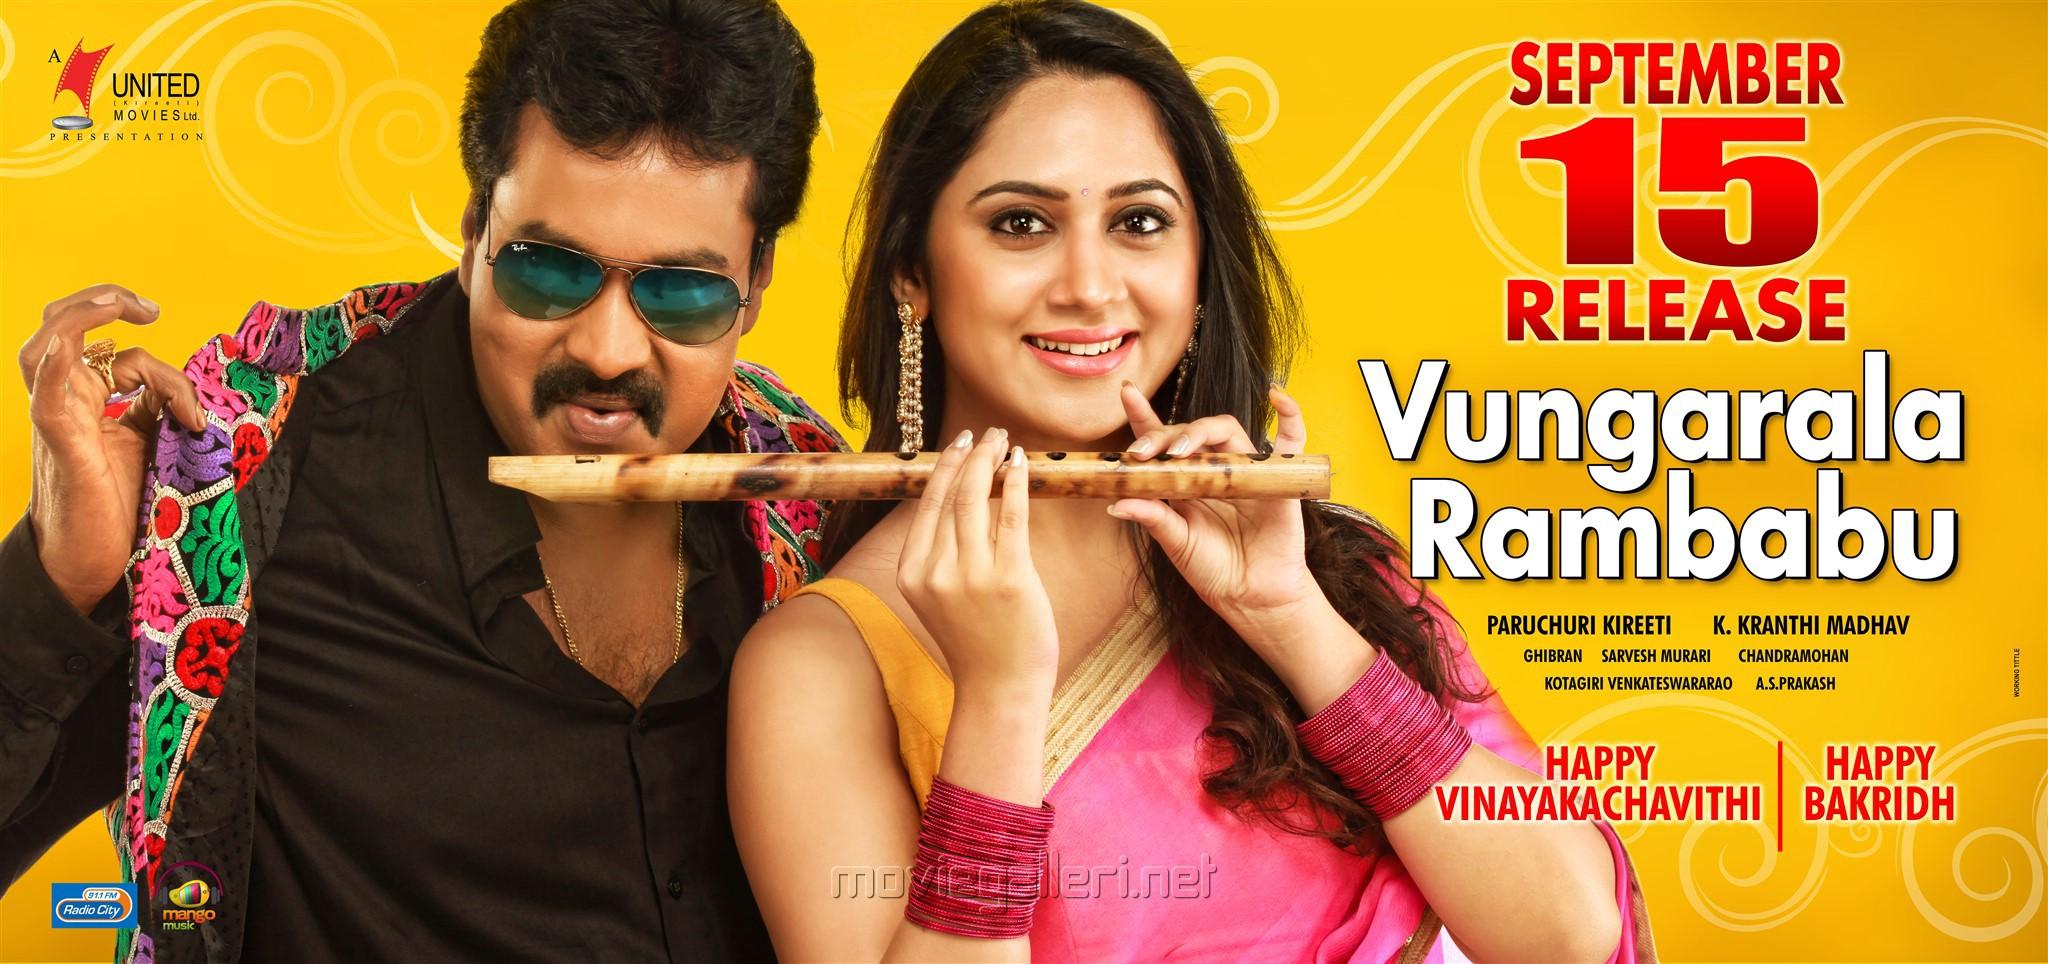 Sunil Miya George Vungarala Rambabu Movie Happy Vinayaka Chavithi Happy Bakrid Wallpapers